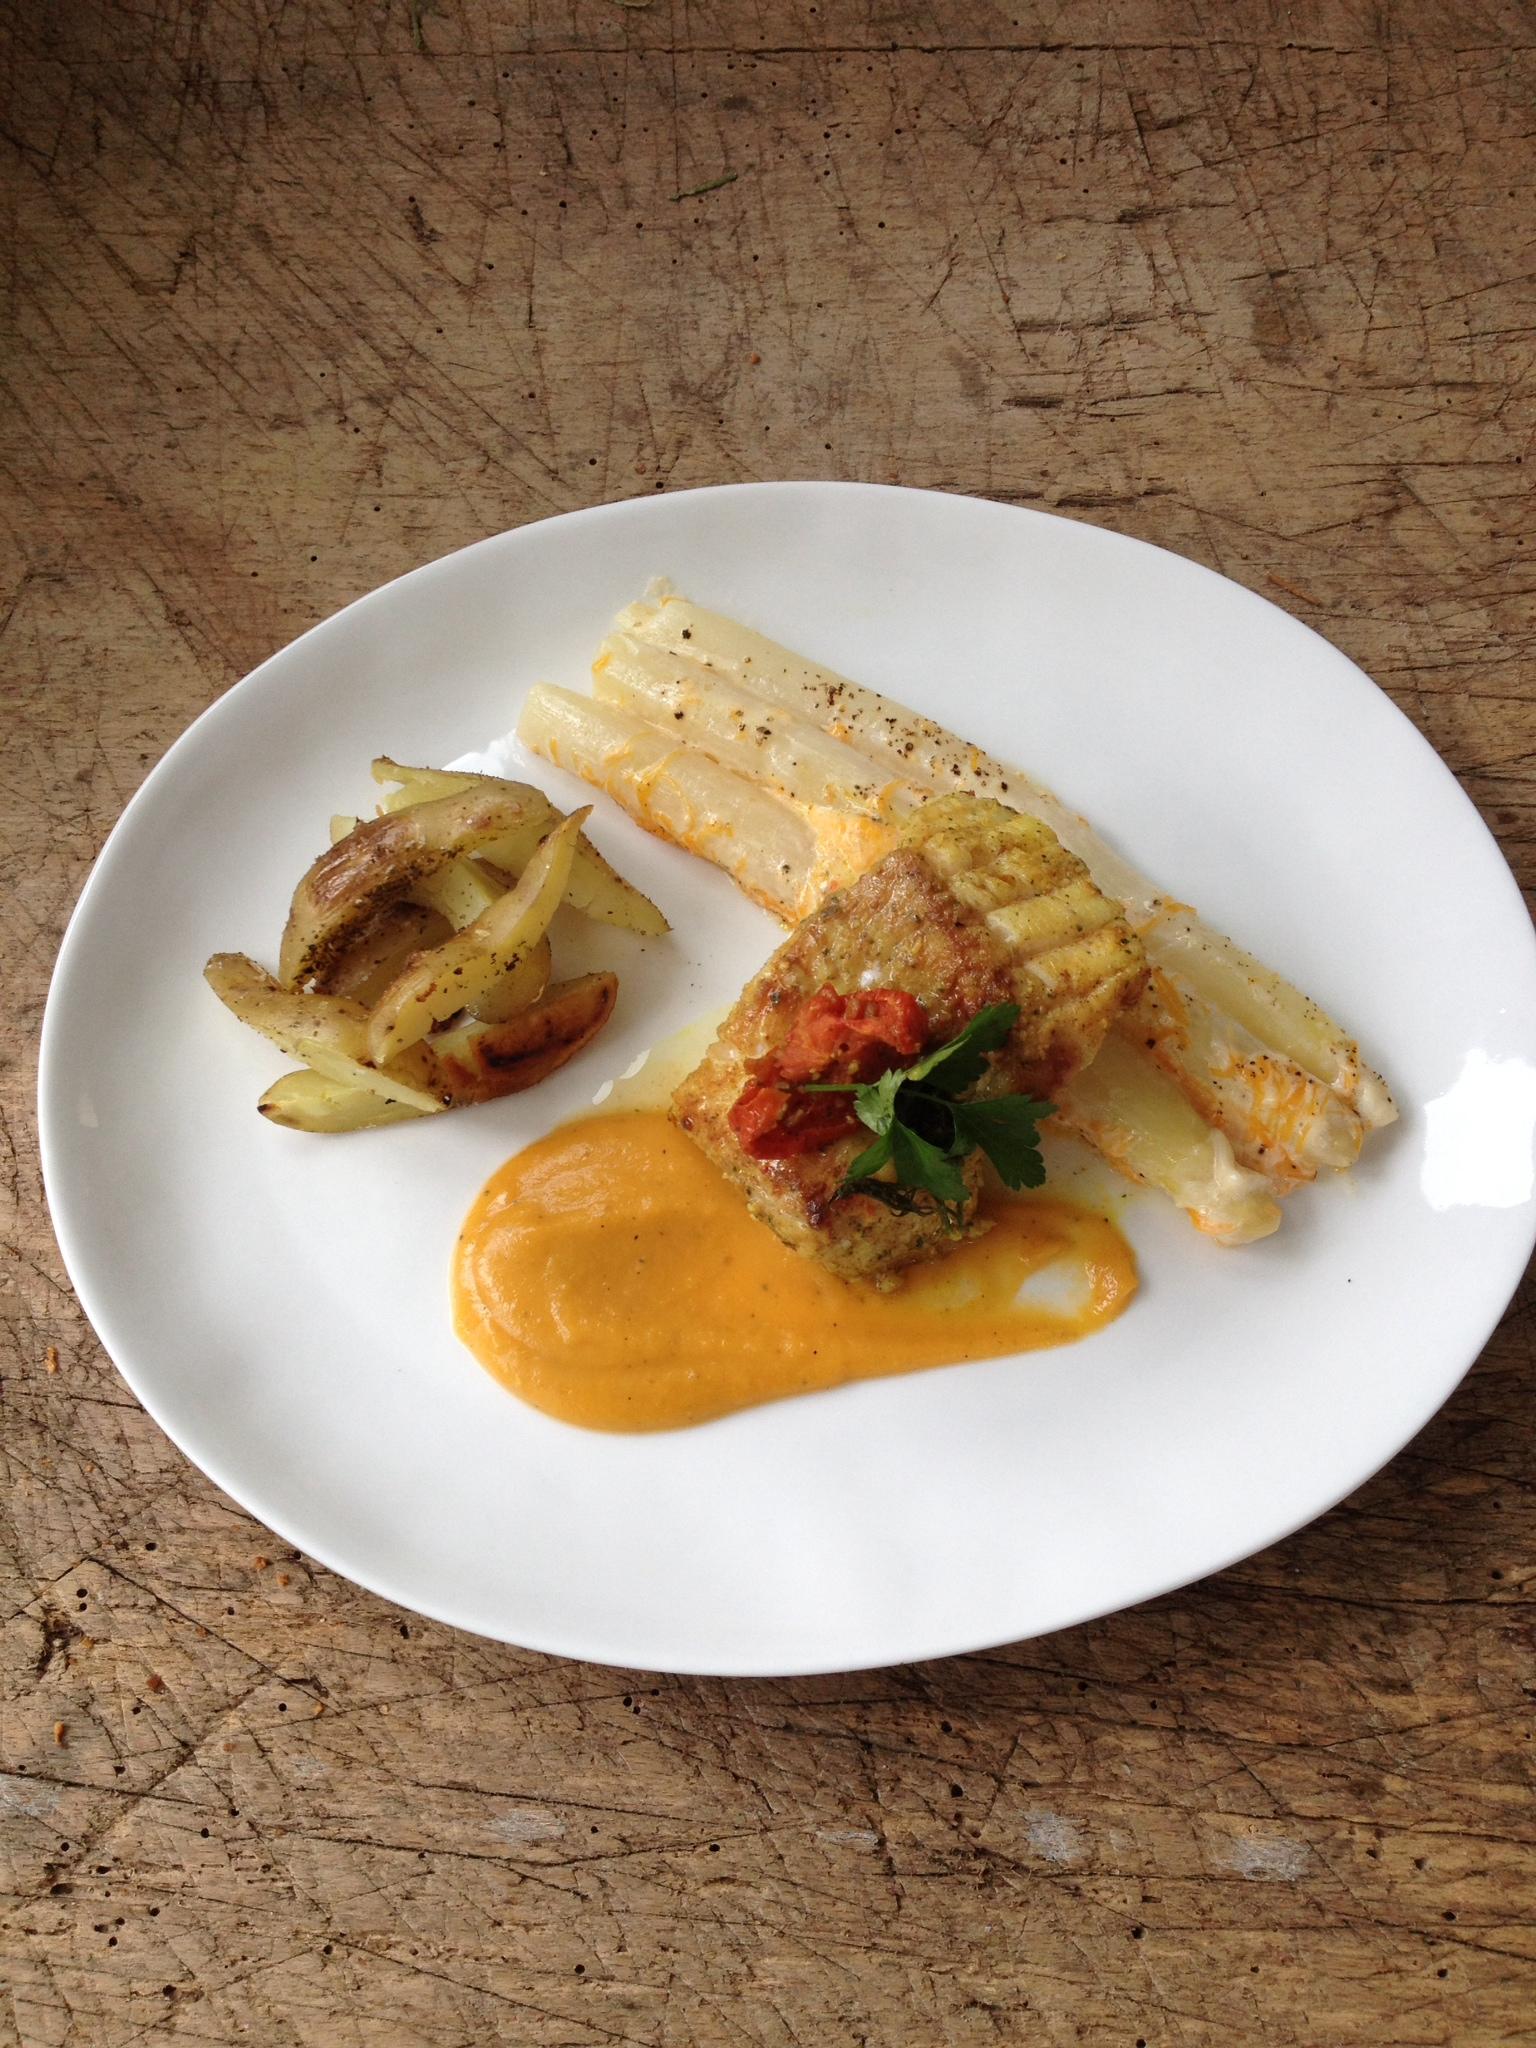 Dit aspergegerechtje kan je zowel als voorgerecht of als hoofdgerecht serveren. Hier had ik gekozen voor een stukje vis maar het is ook heerlijk met sint jacobsvruchten of een stukje vlees.